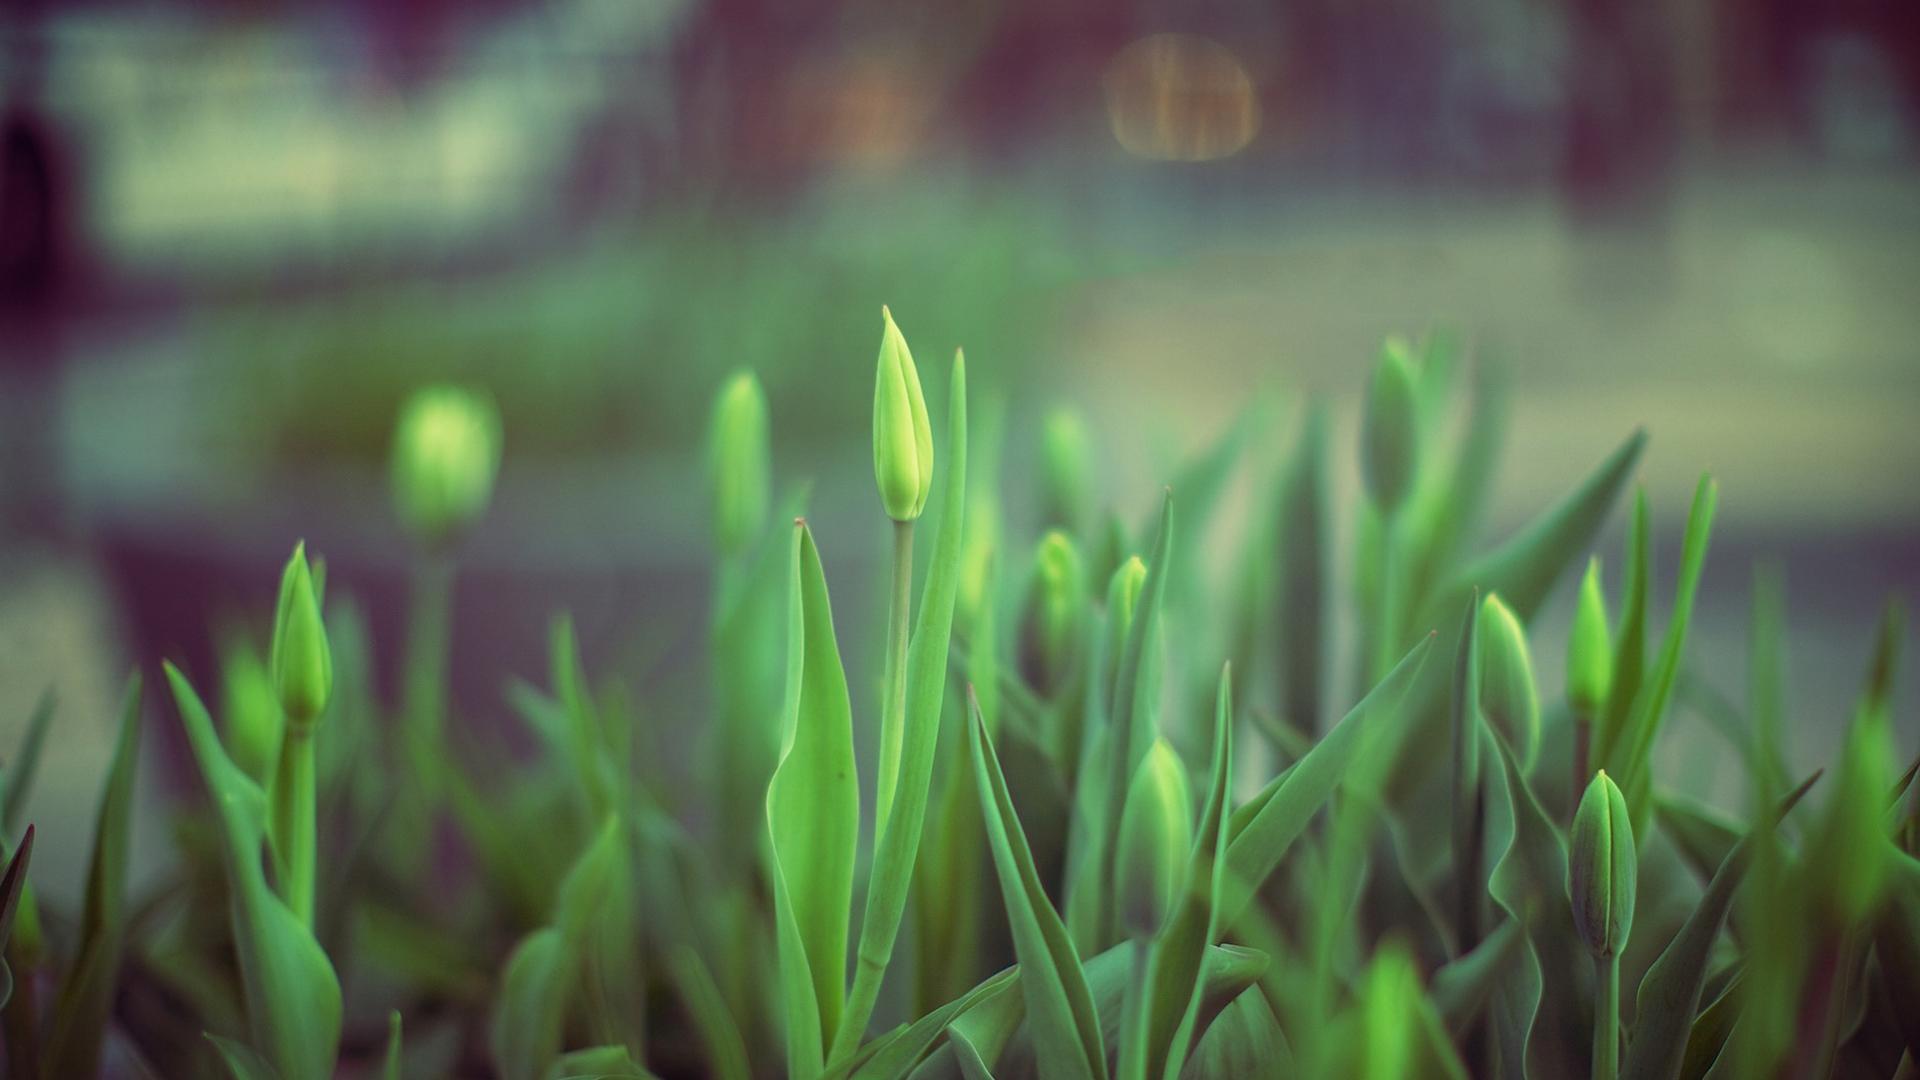 壁纸 草 绿色 植物 桌面 1920_1080